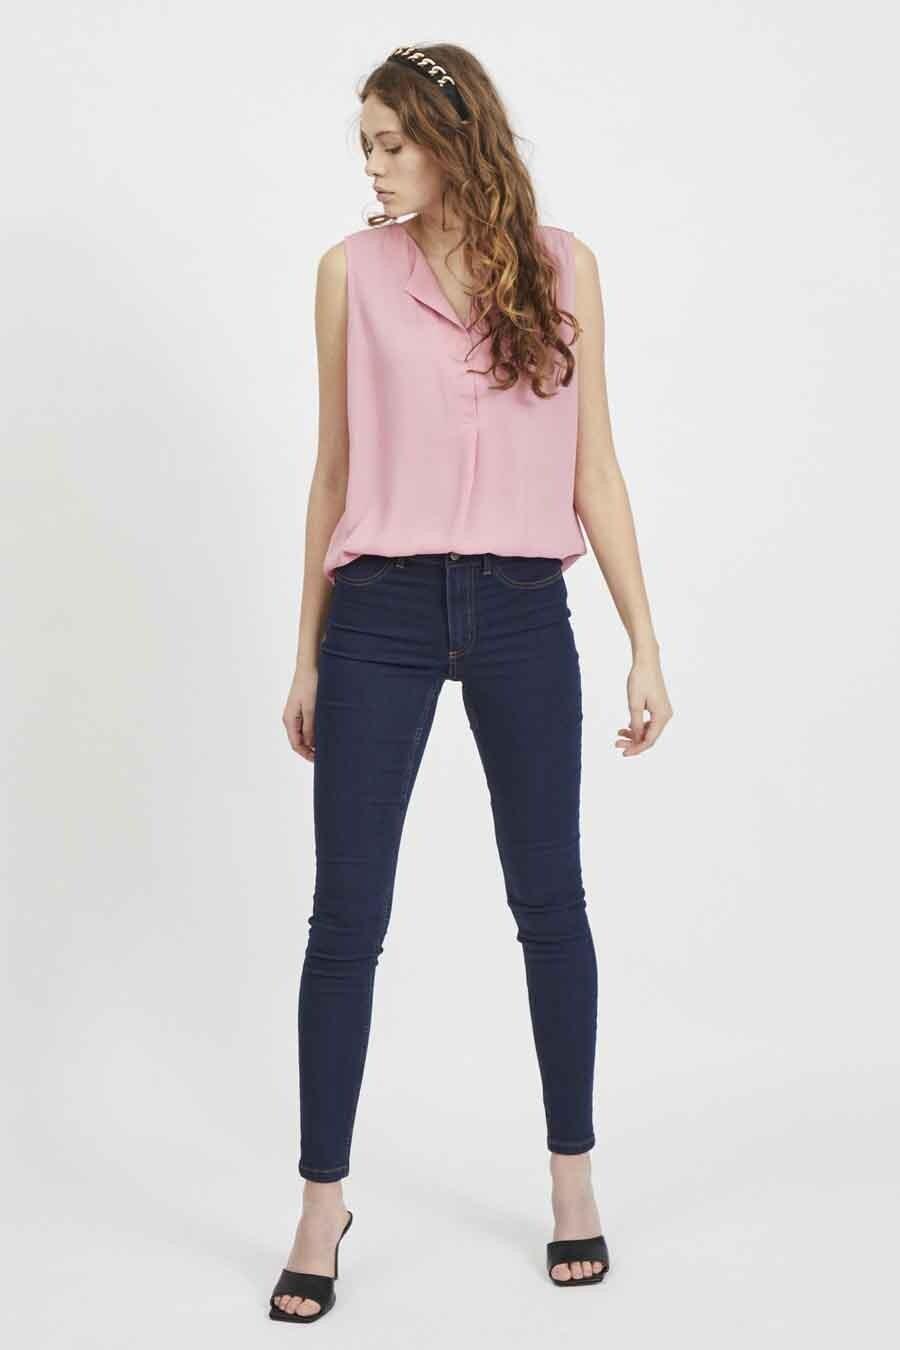 VILA® Blouse zonder mouwen, Roze, Dames, Maat: M/S/XL